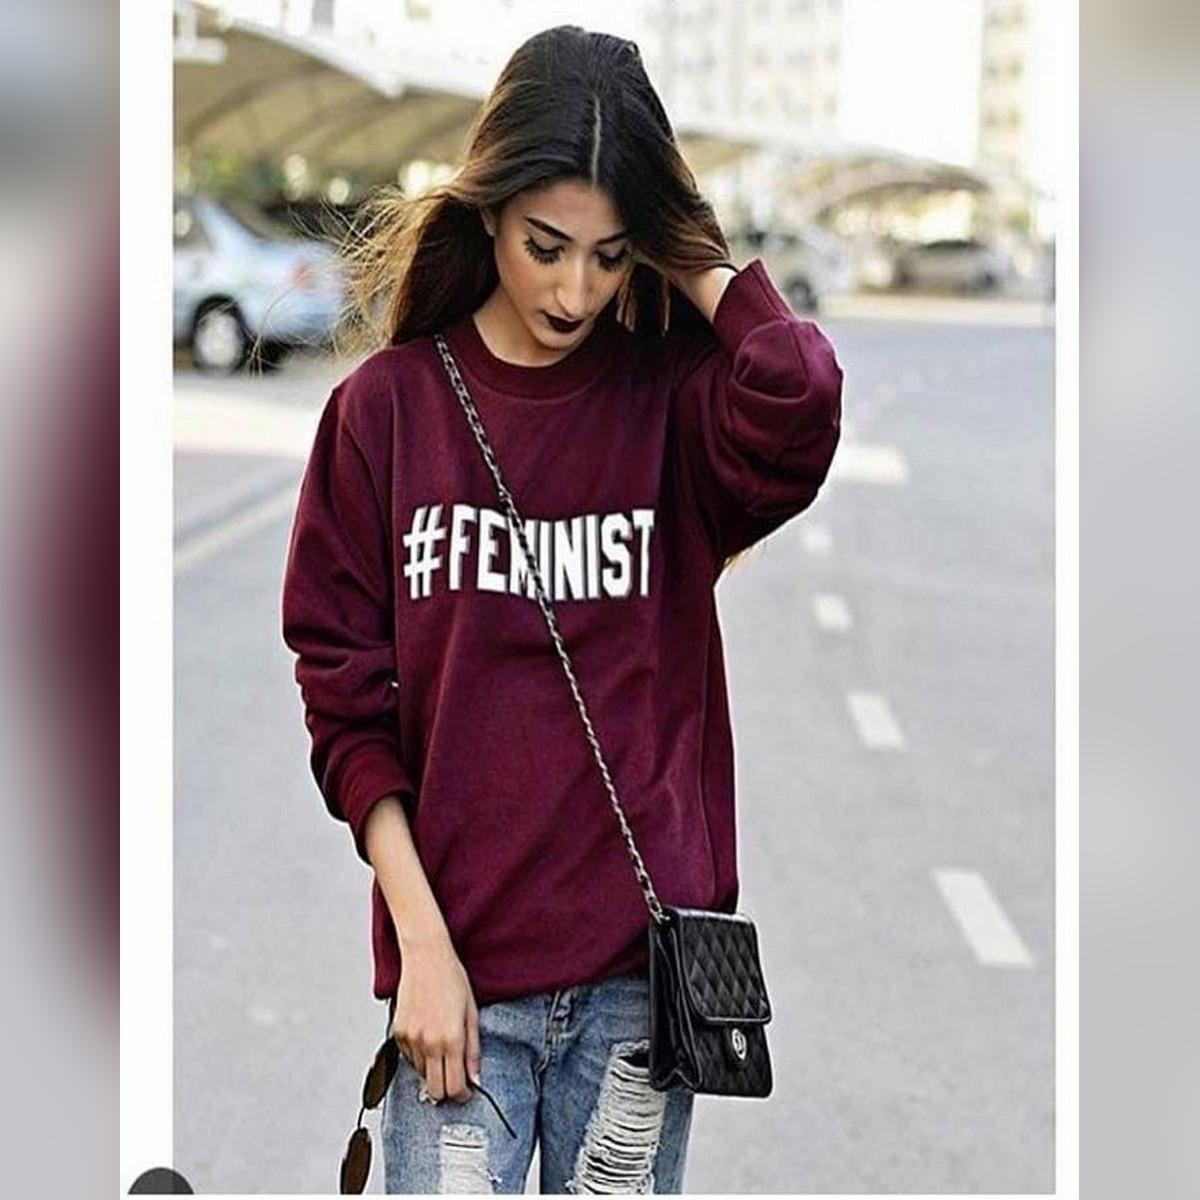 Maroon Printed TShirt Cotton Feminist TShirt Top For Women